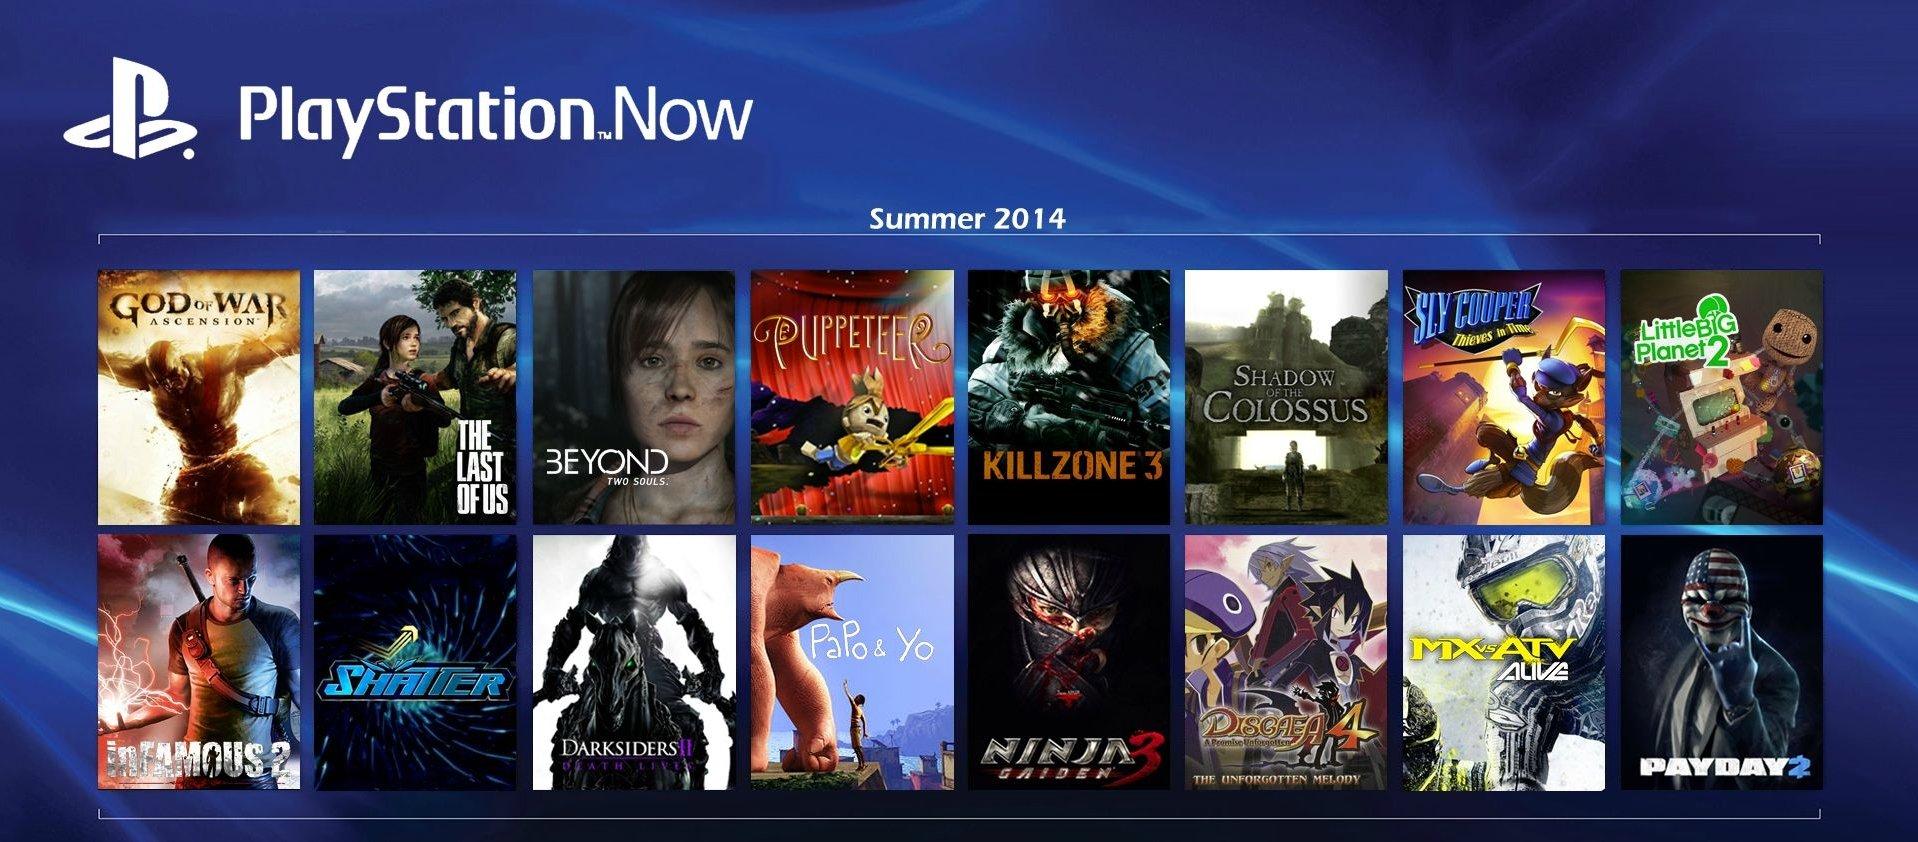 В открытой бете PlayStation Now в Англии насчитывает 176 игр.. - Изображение 1